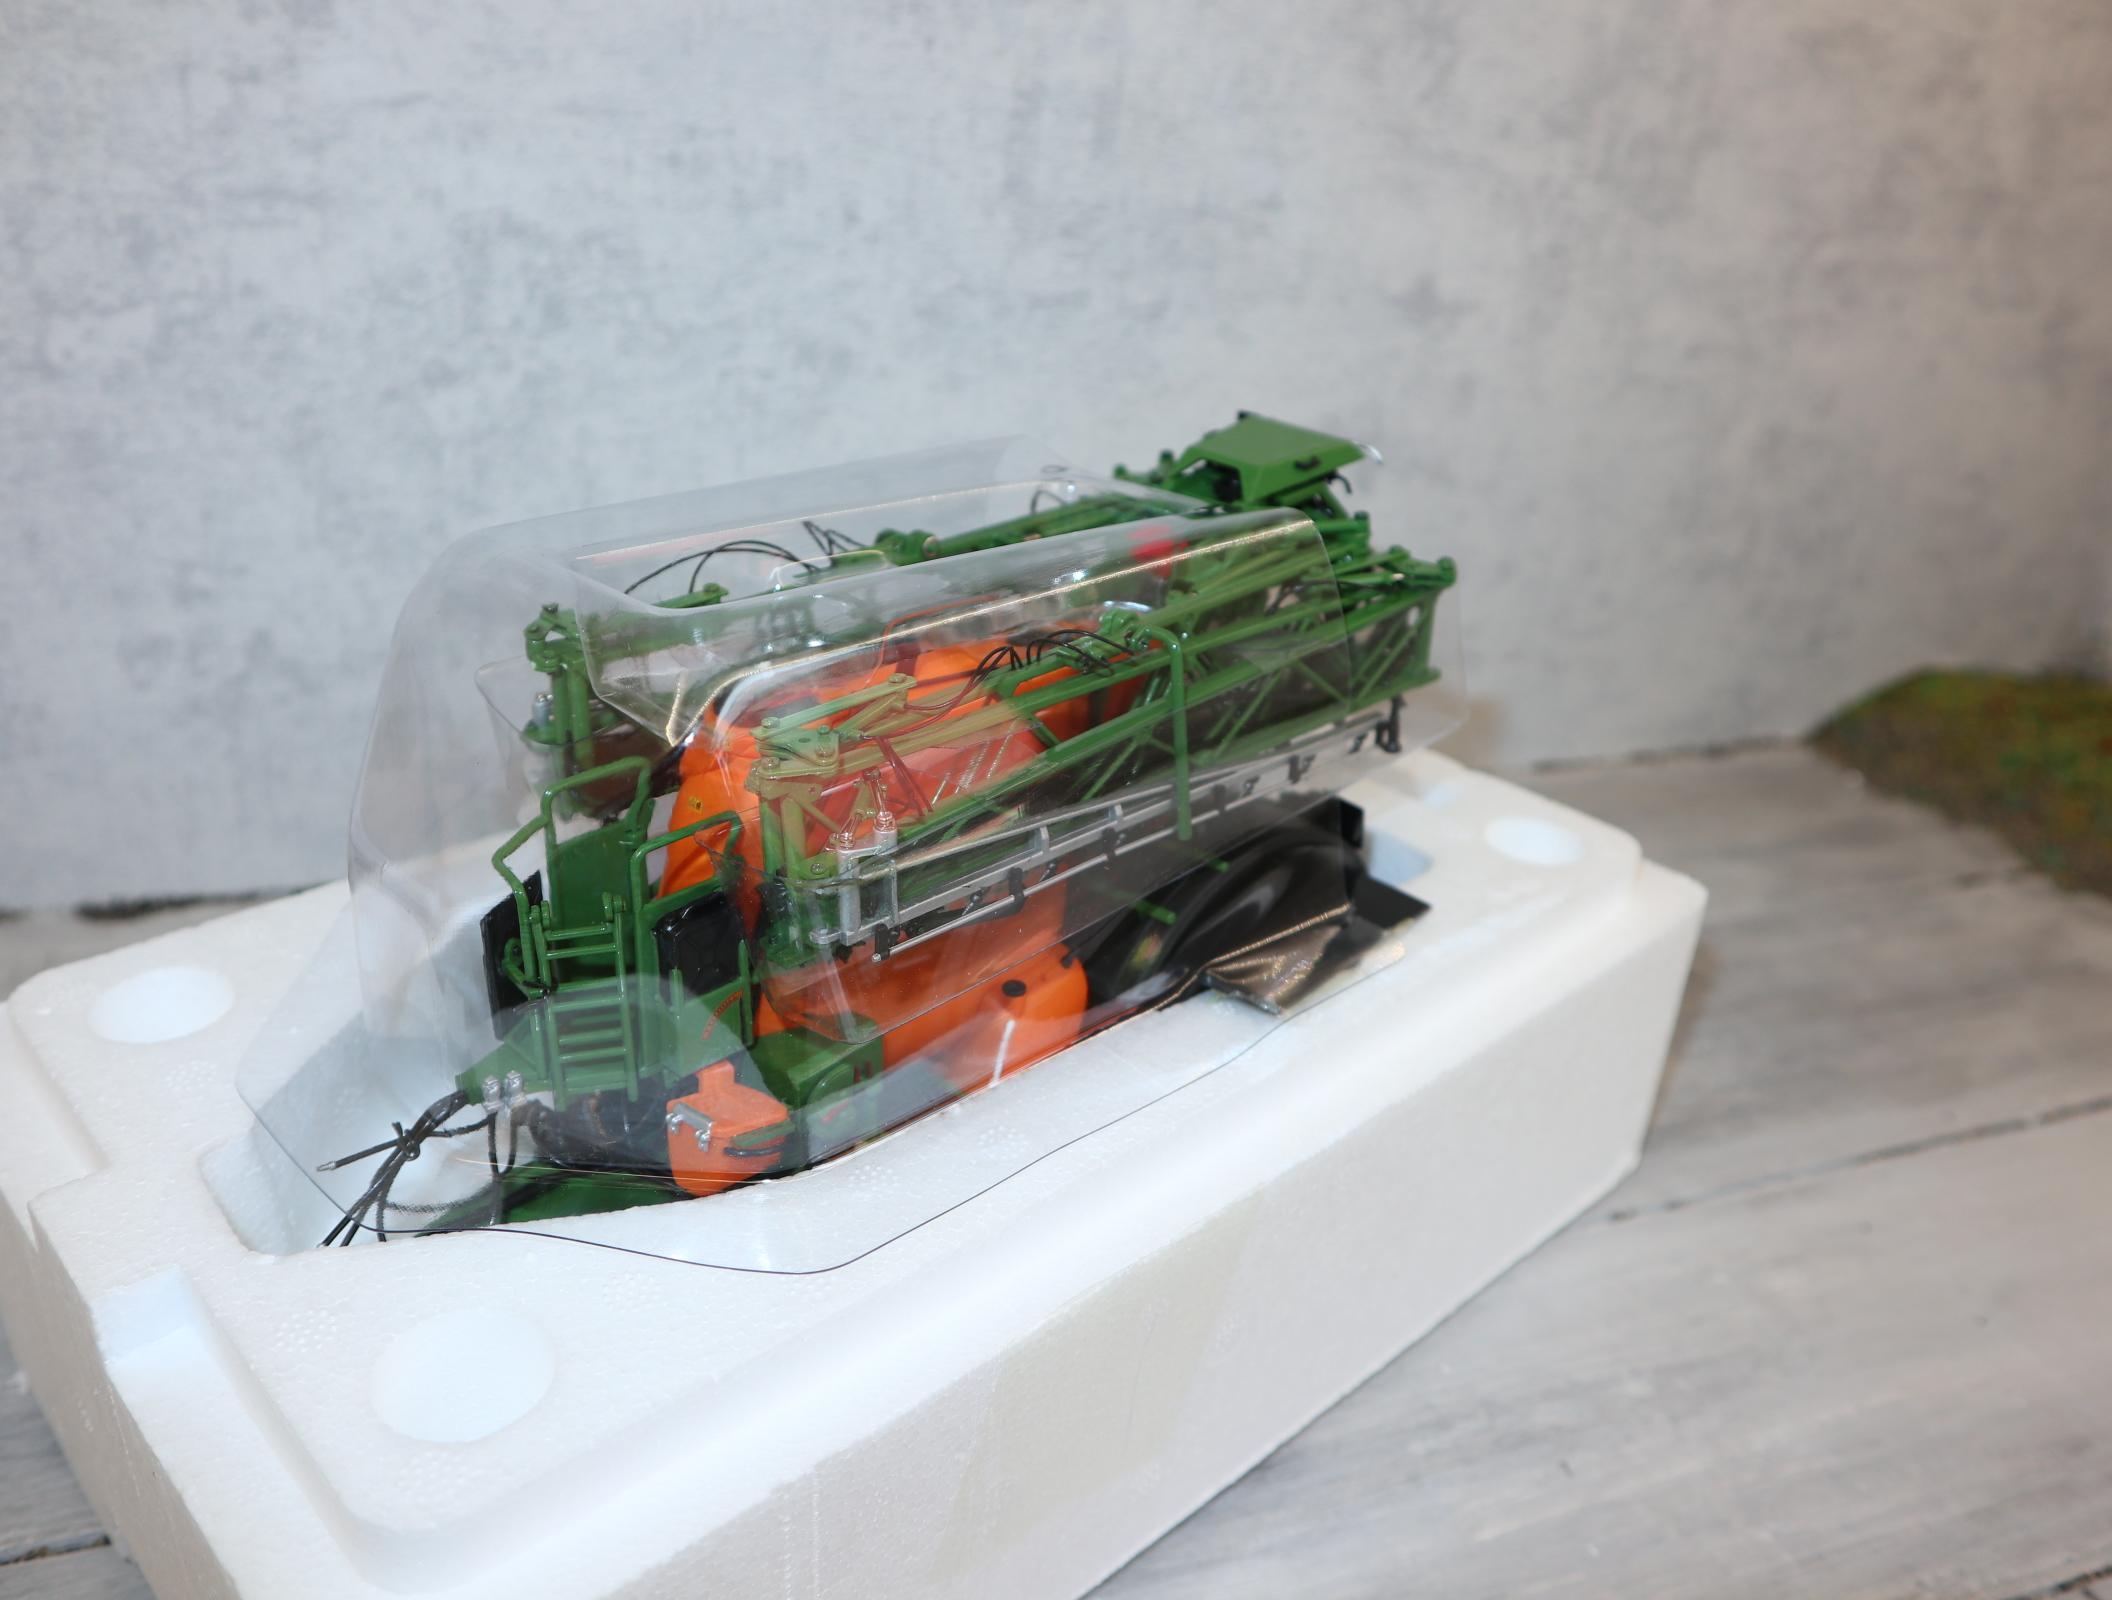 UH 2803 in 1:32 Amazone UX 5200 Sprayer in OVP